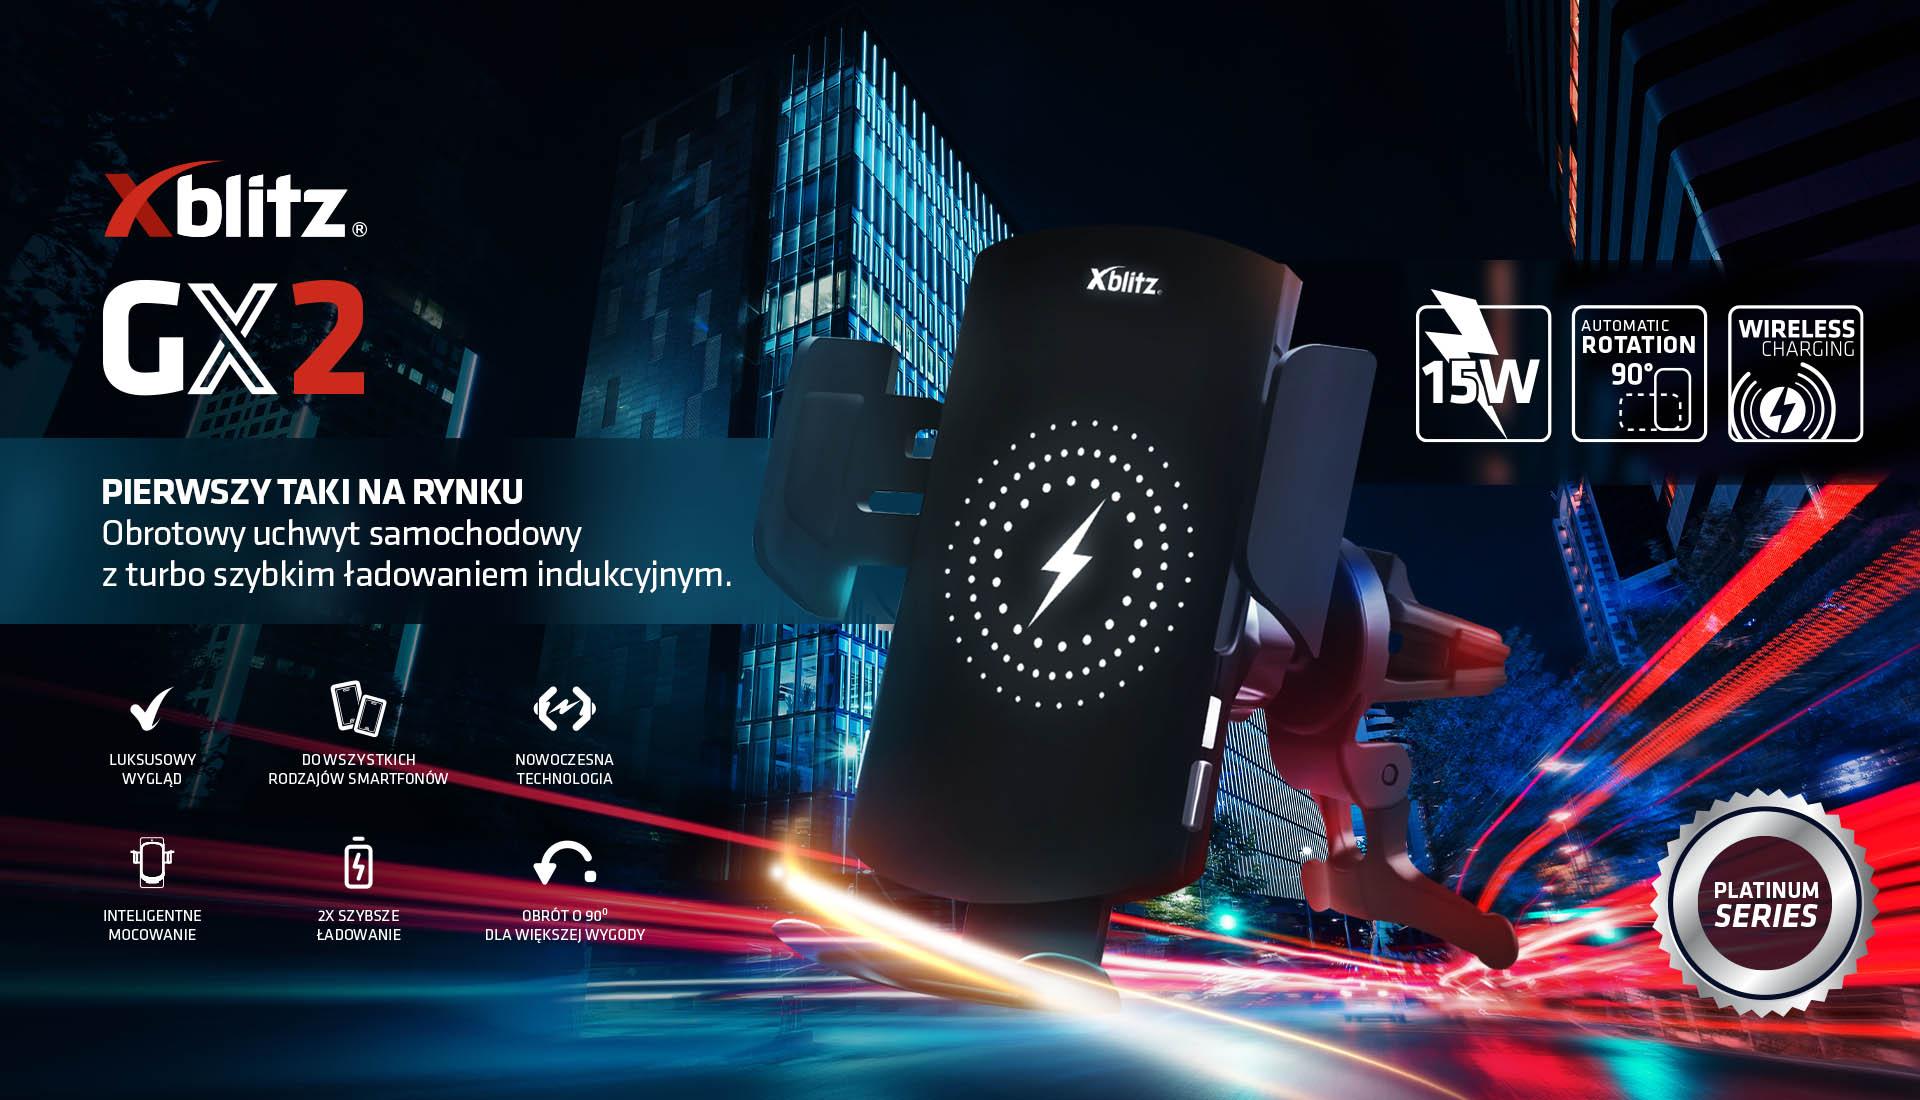 Xblitz GX2 - innowacyjny uchwyt